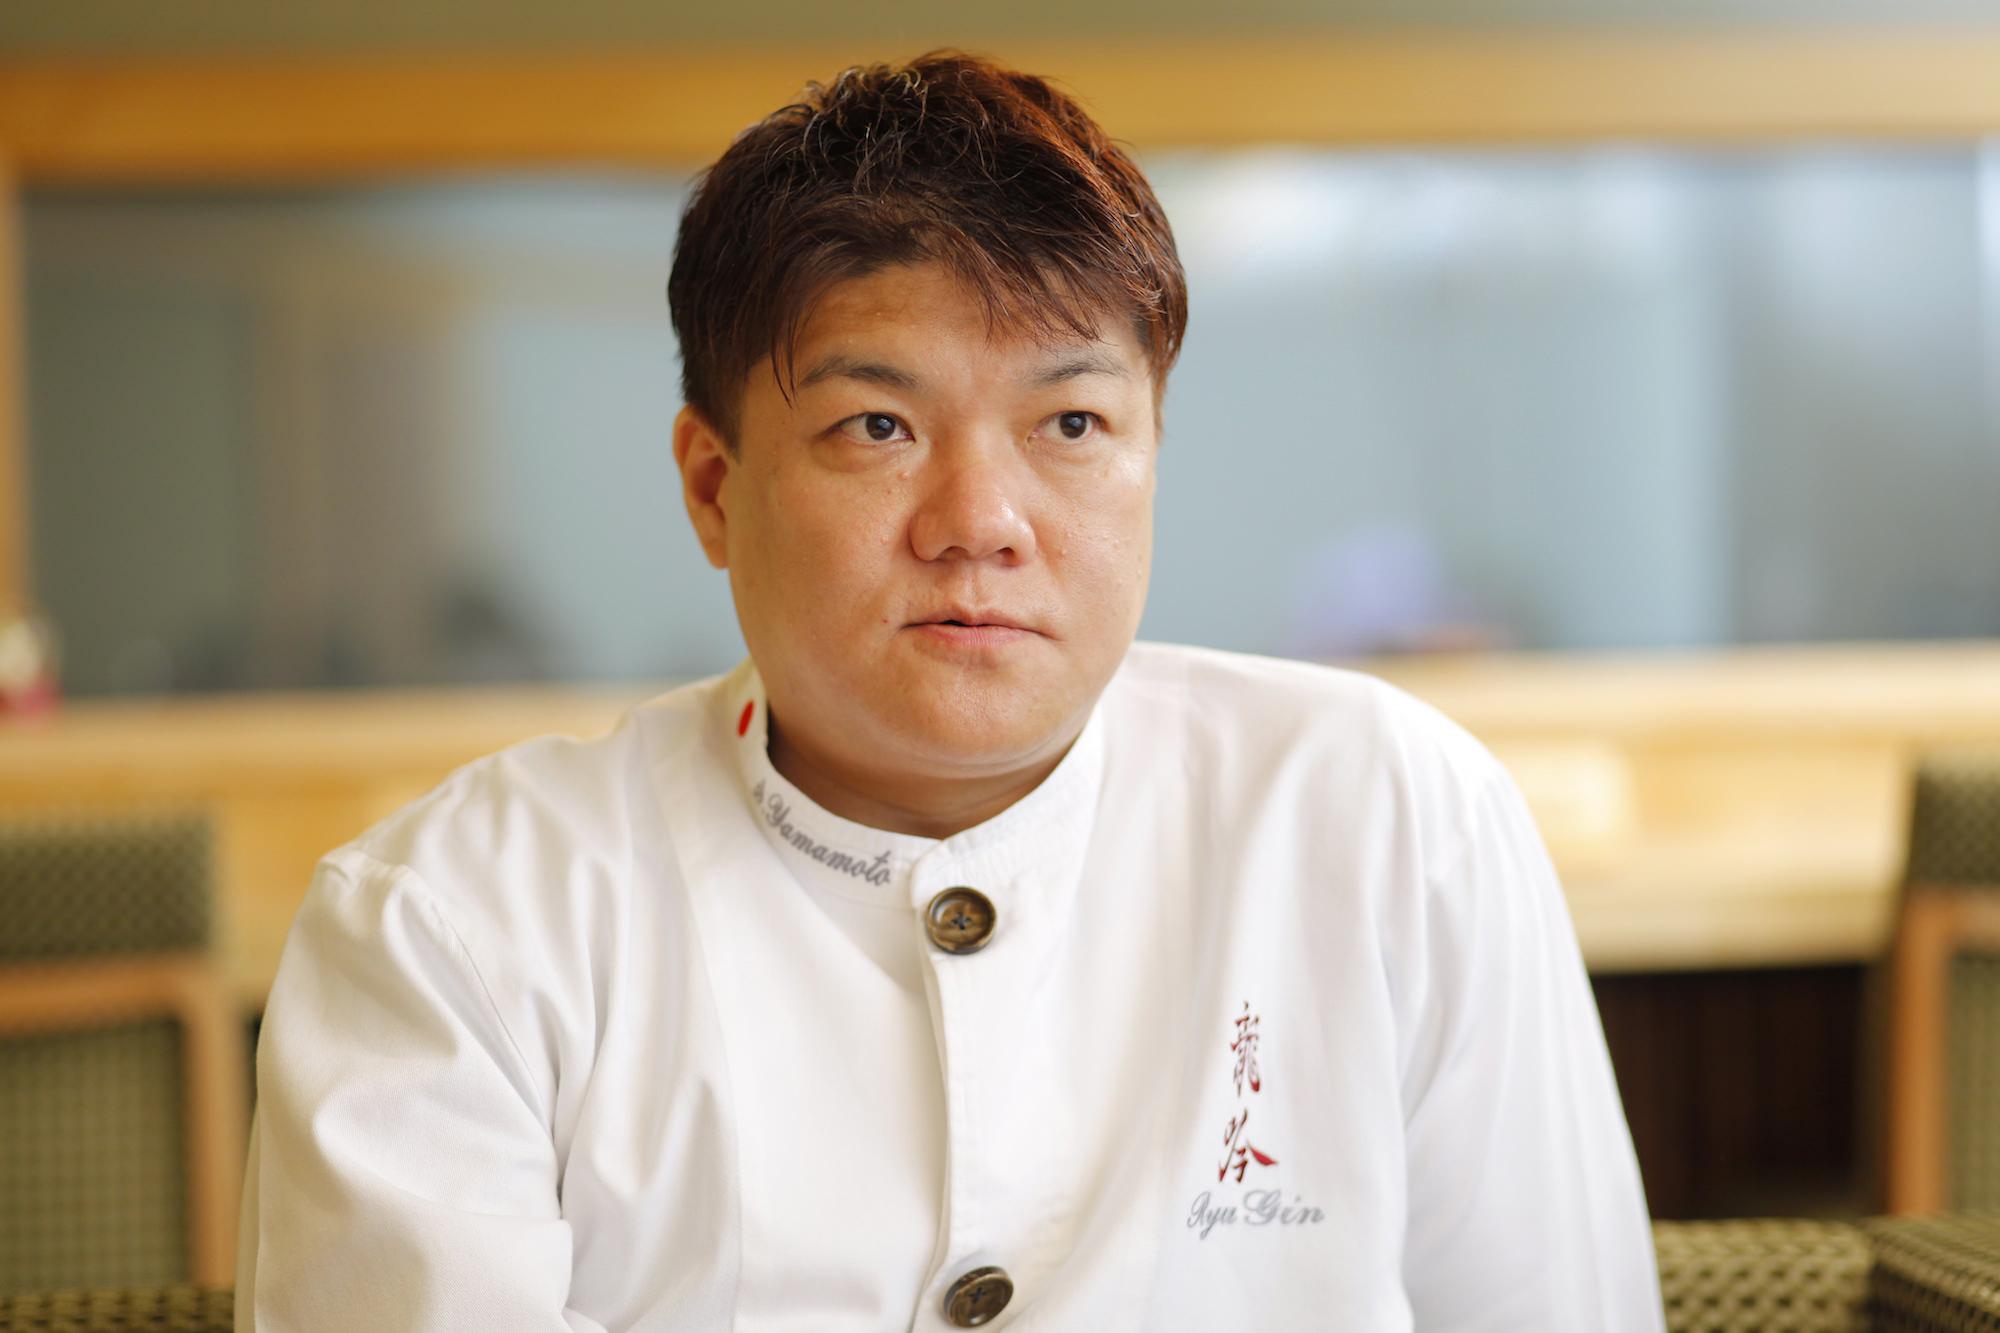 Ryugin Seiji Yamamoto